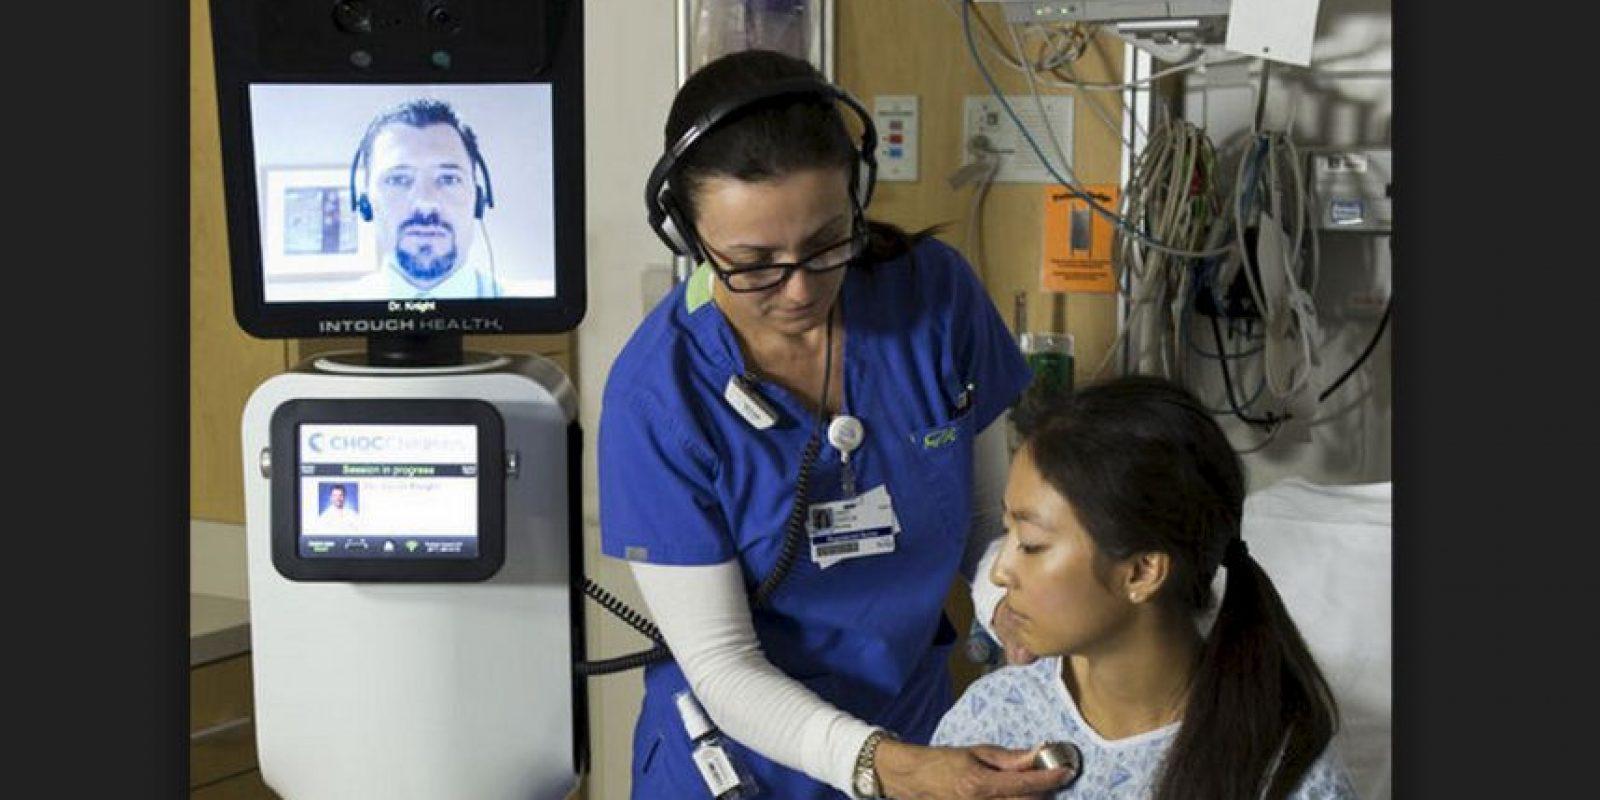 Los asistentes virtuales combinan unidades de telepresencia con herramientas de educación a distancia, un sistema que permite a los médicos atender a los pacientes sin estar presentes físicamente. Foto:iRobot / InTouch Health